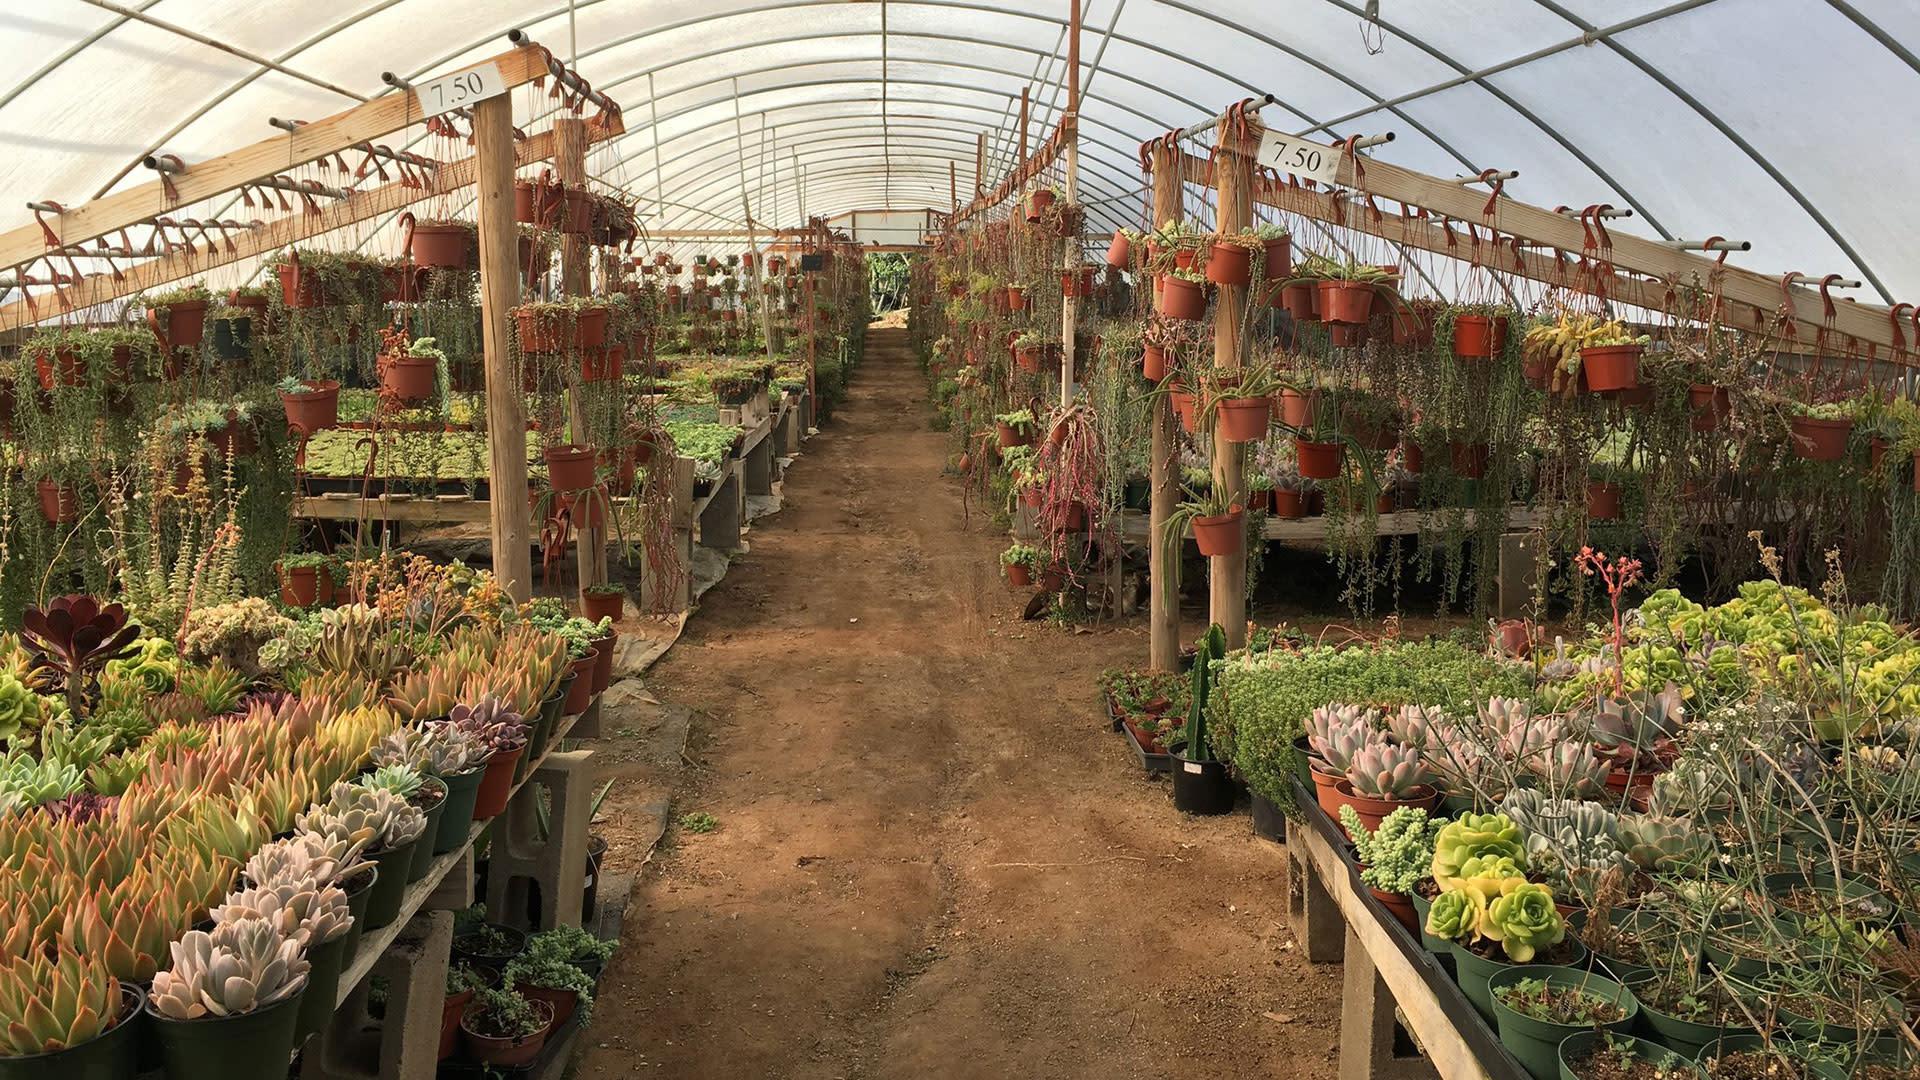 Mariscal Cactus & Succulents